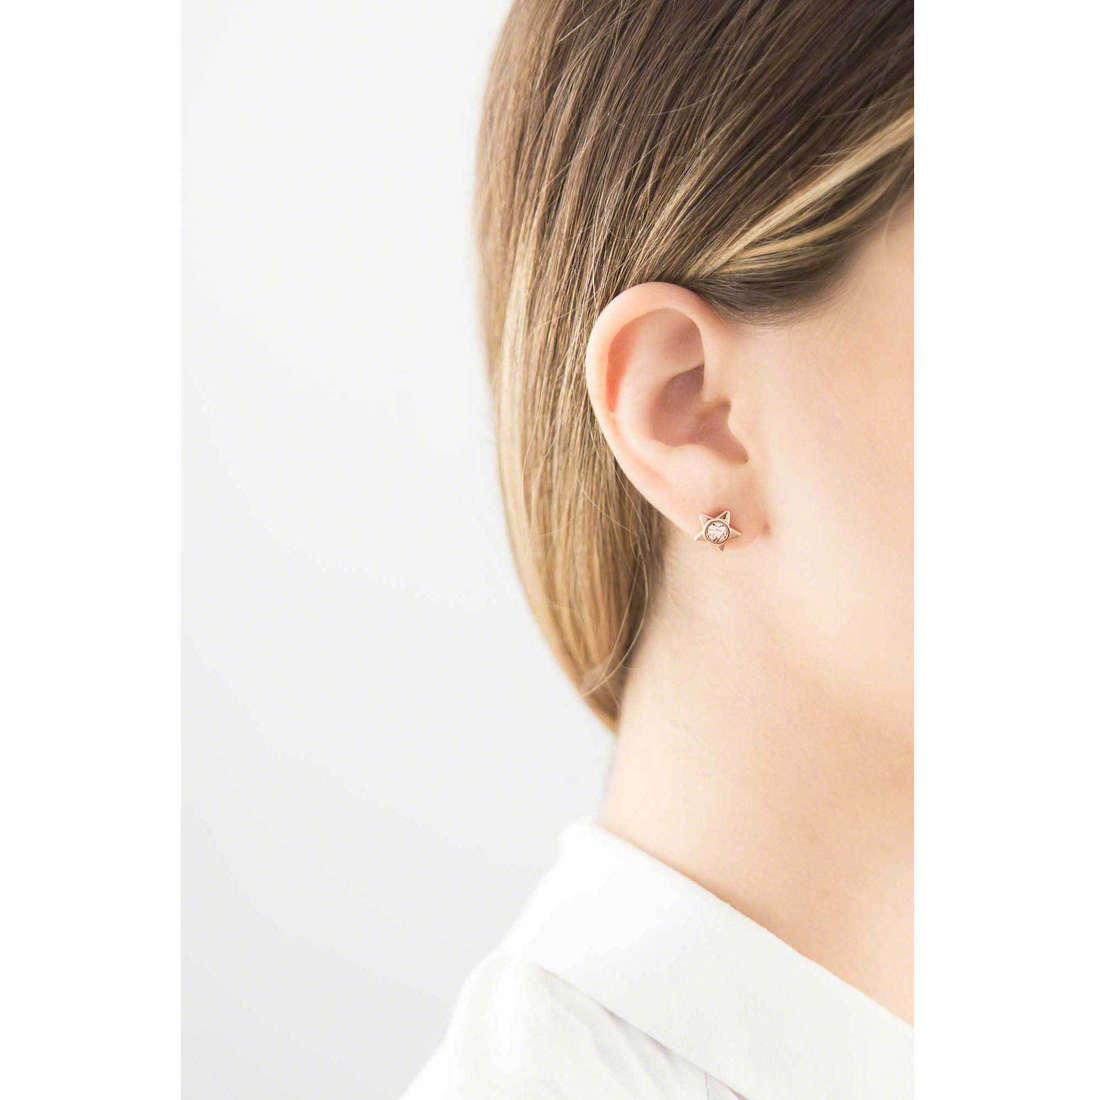 Brosway orecchini Epsilon donna BEO26 indosso